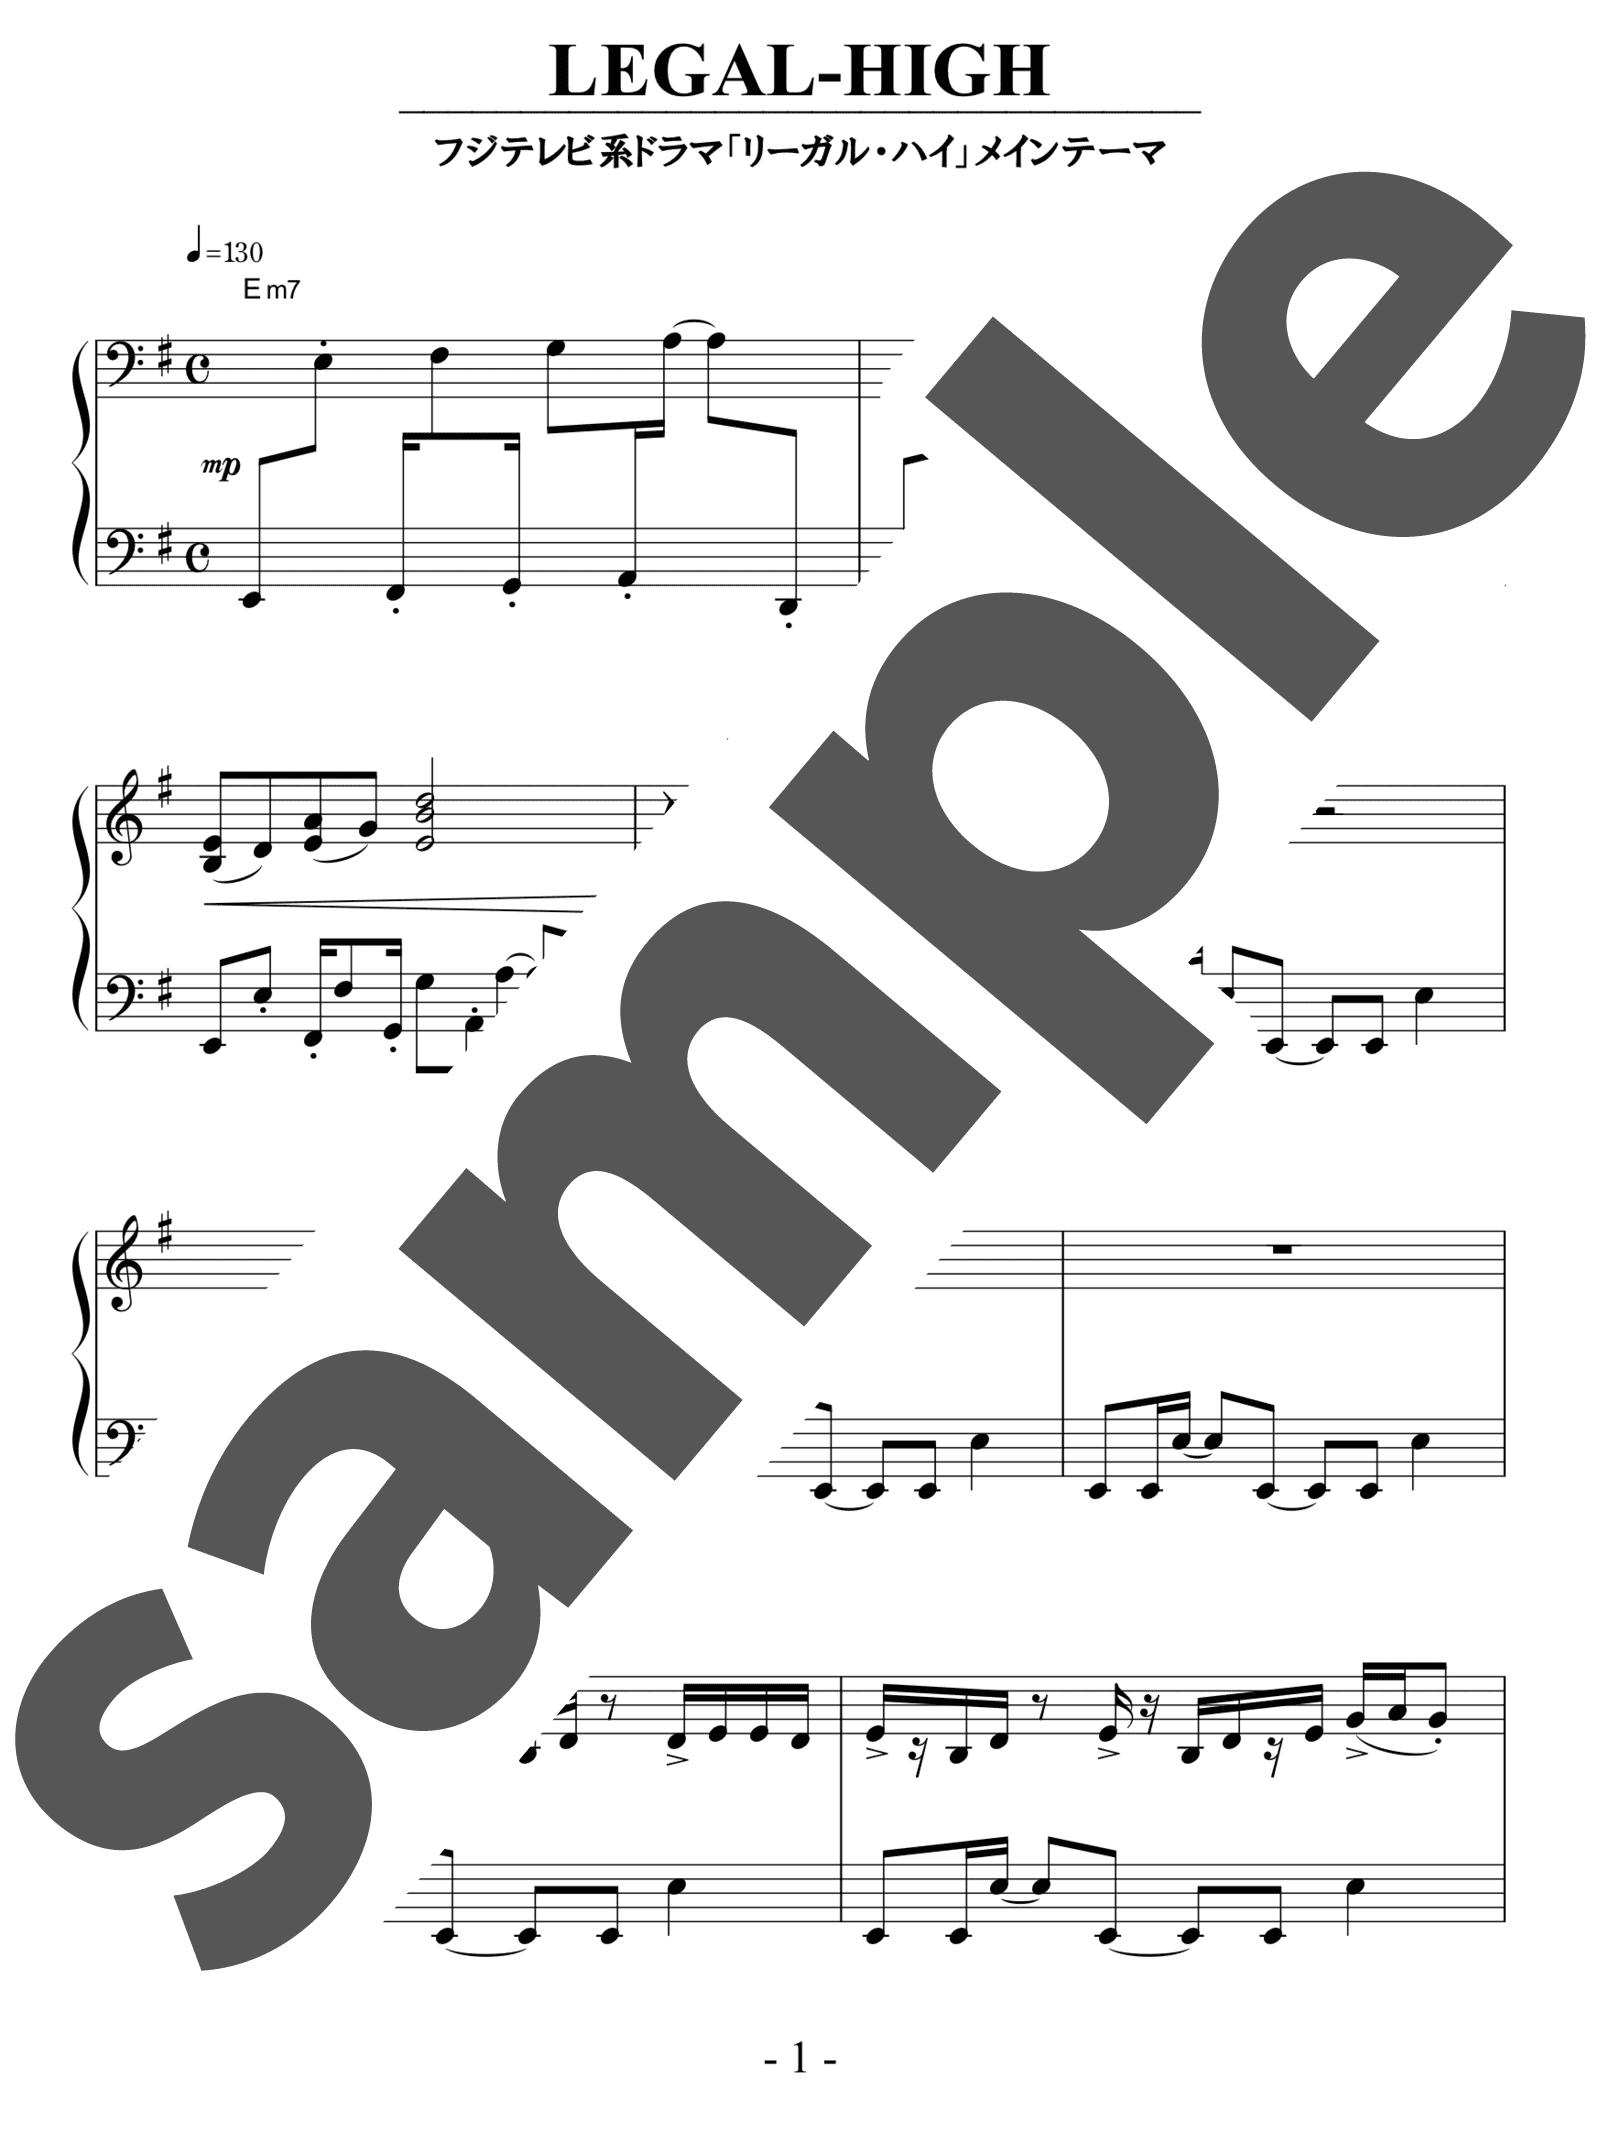 「LEGAL-HIGH」のサンプル楽譜